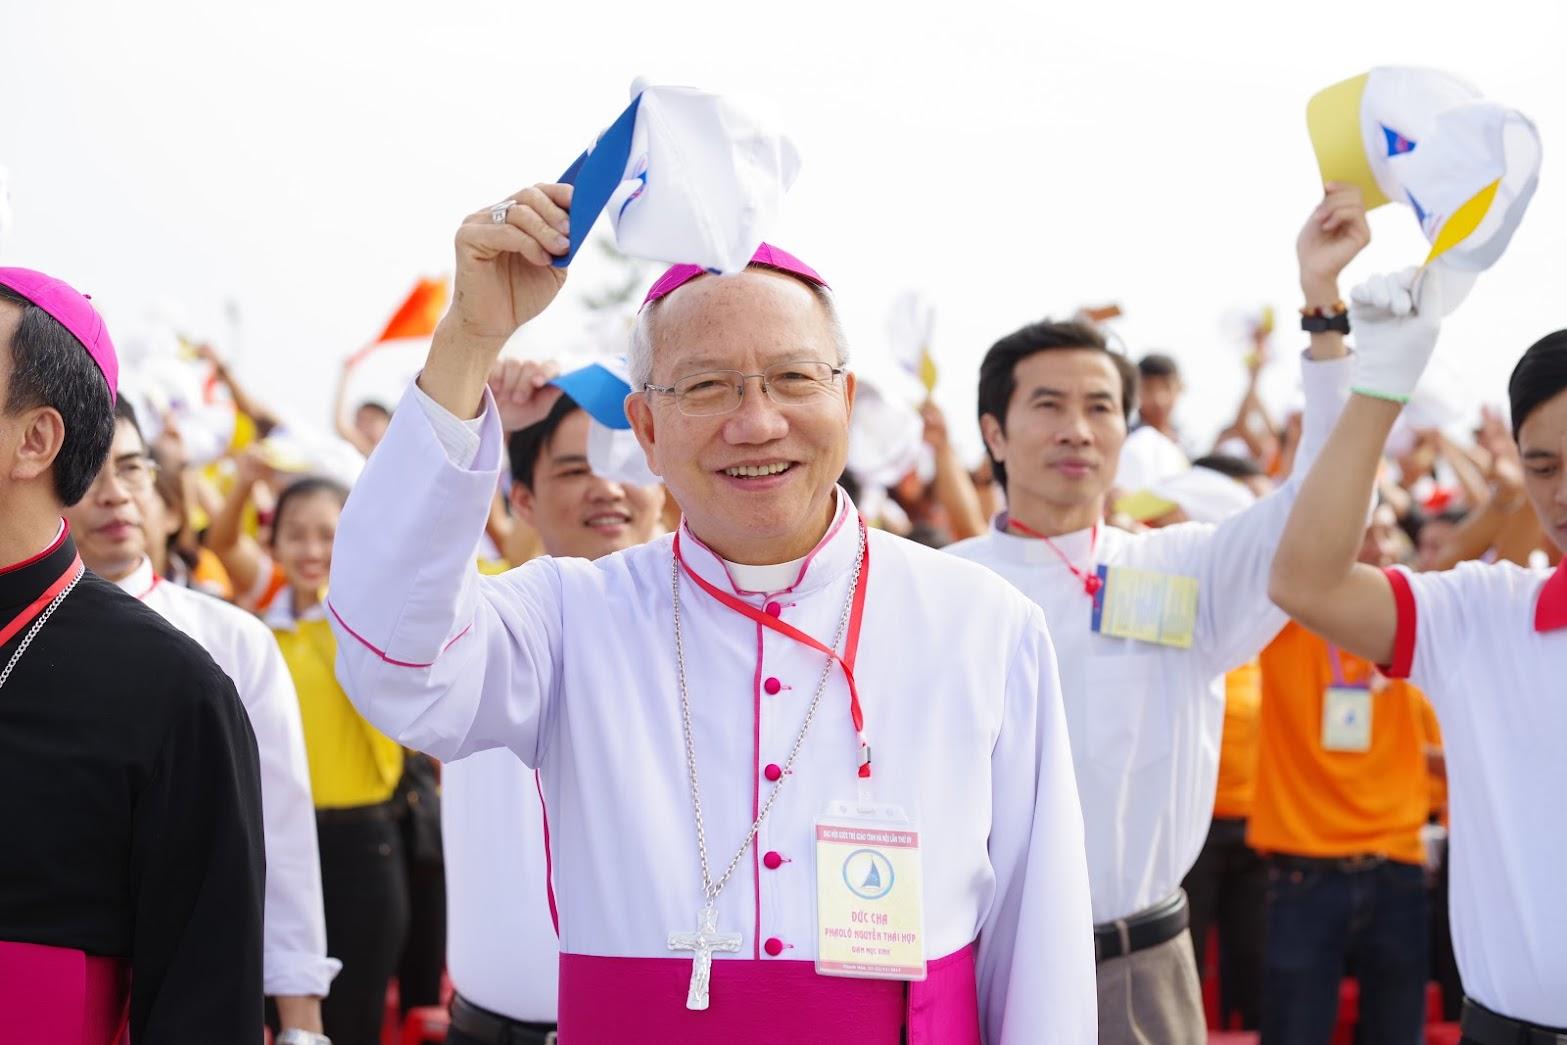 Những hình ảnh đẹp về lễ khai mạc Đại Hội Giới Trẻ giáo tỉnh Hà Nội lần thứ XV tại Thanh Hóa - Ảnh minh hoạ 18